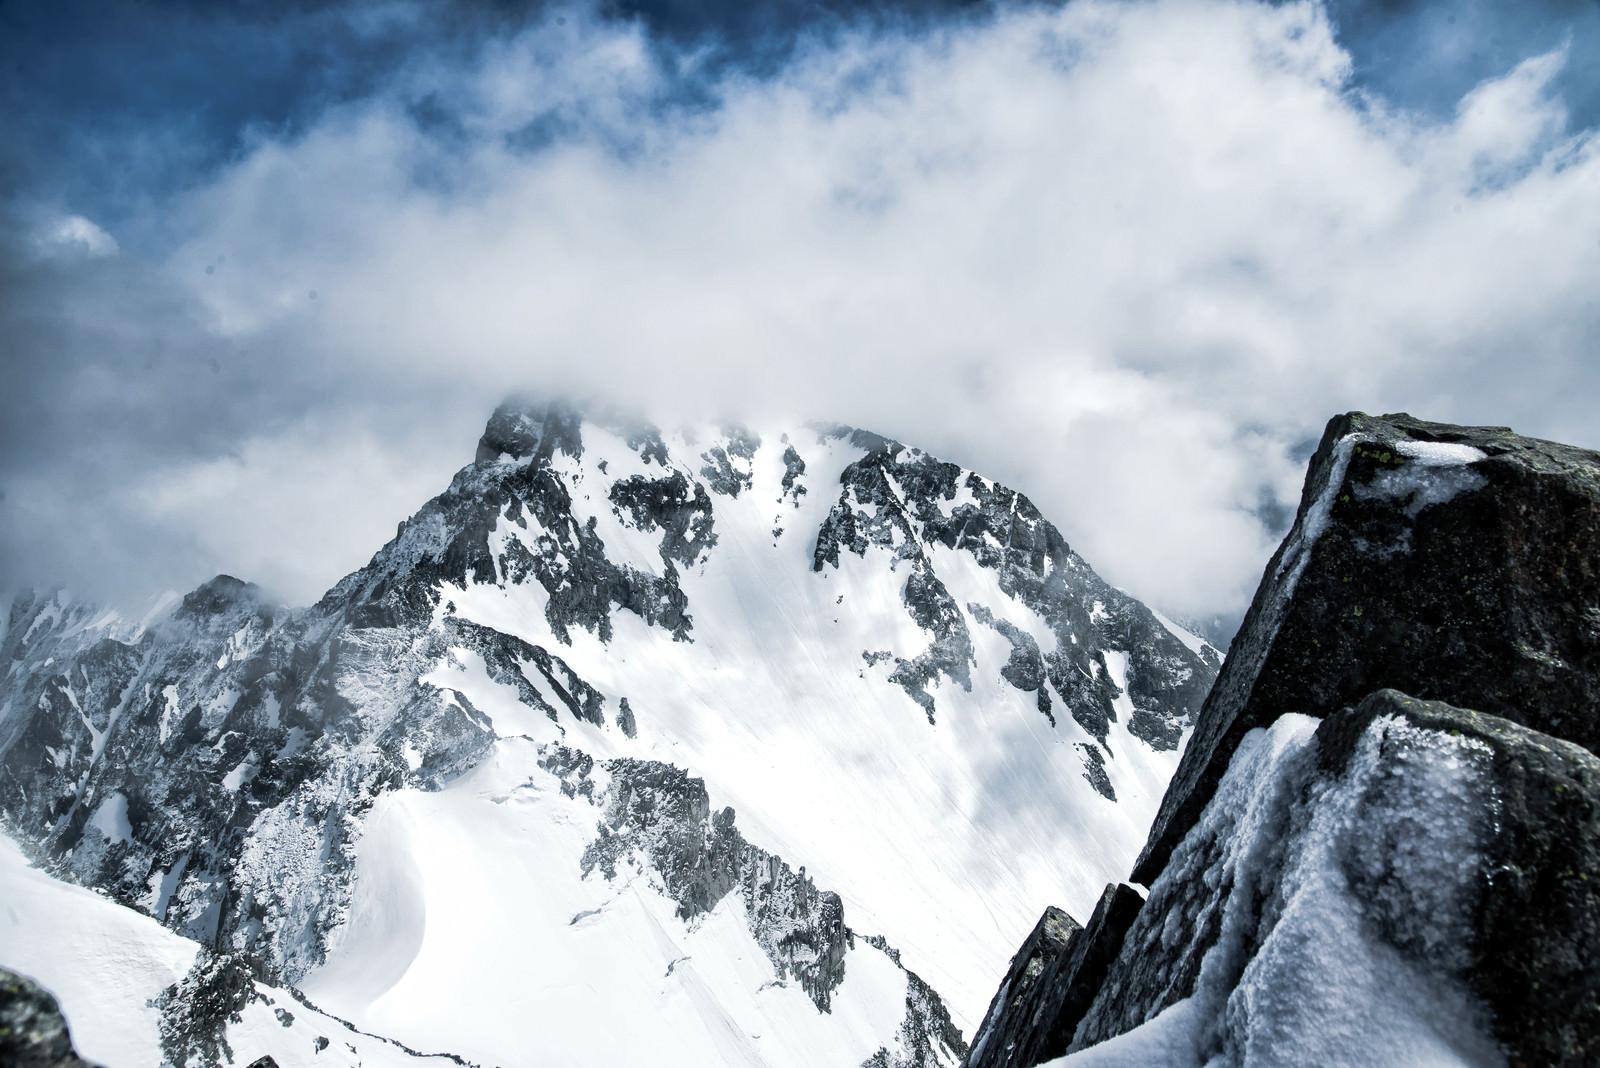 「涸沢岳から北穂高岳への縦走路」の写真